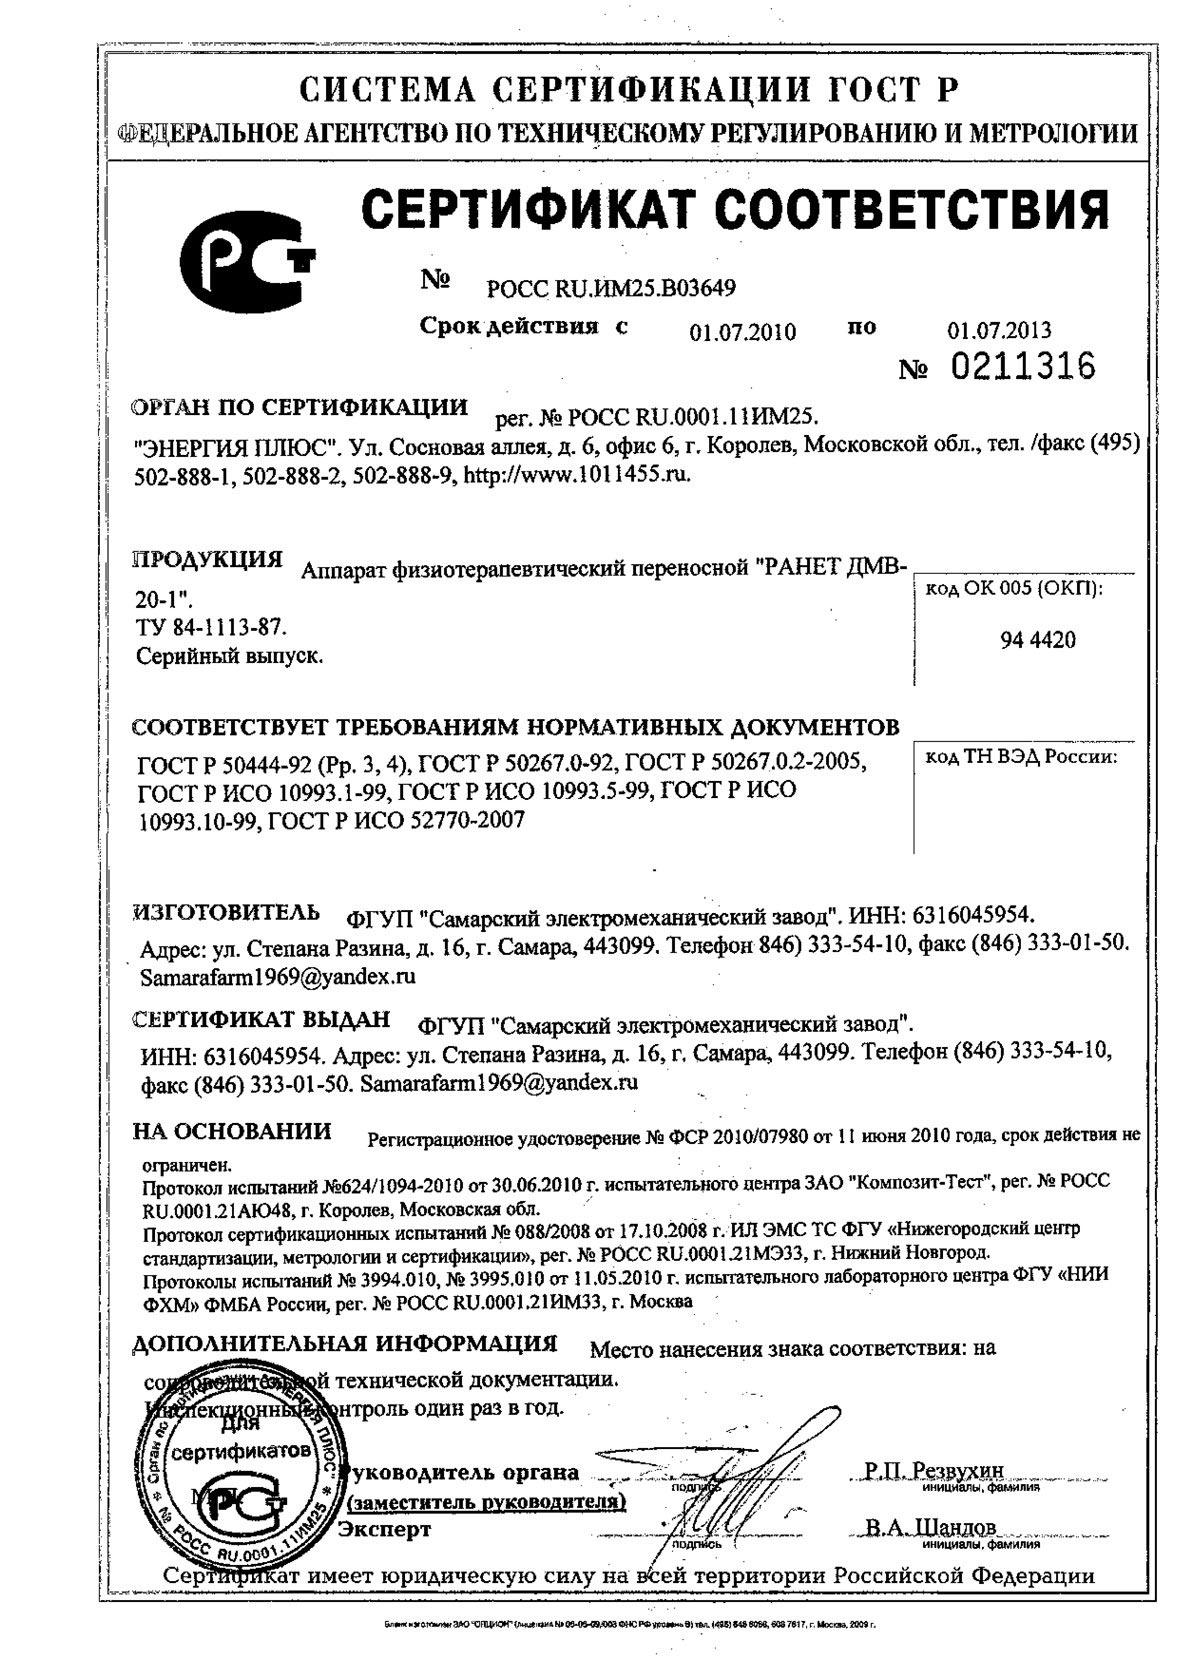 сертификат РАНЕТ ДМВ-20-1 - аппарат физиотерапевтический